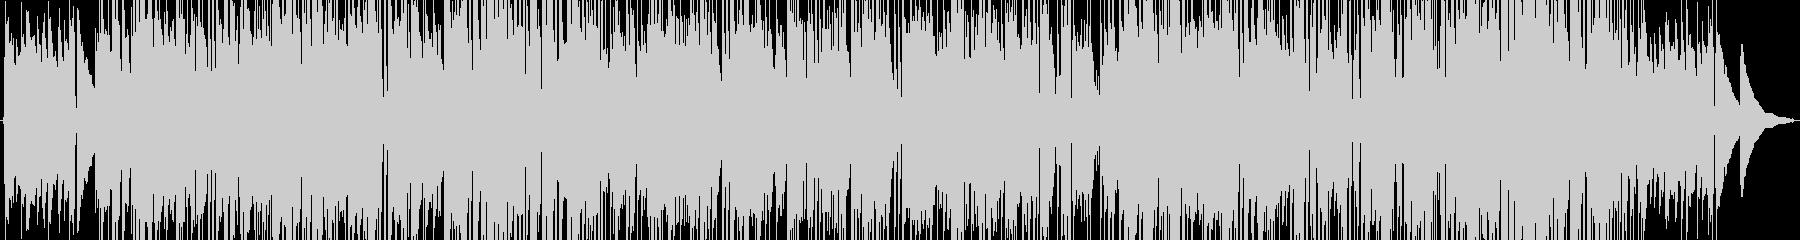 エレガット生録(Smooth Jazz)の未再生の波形